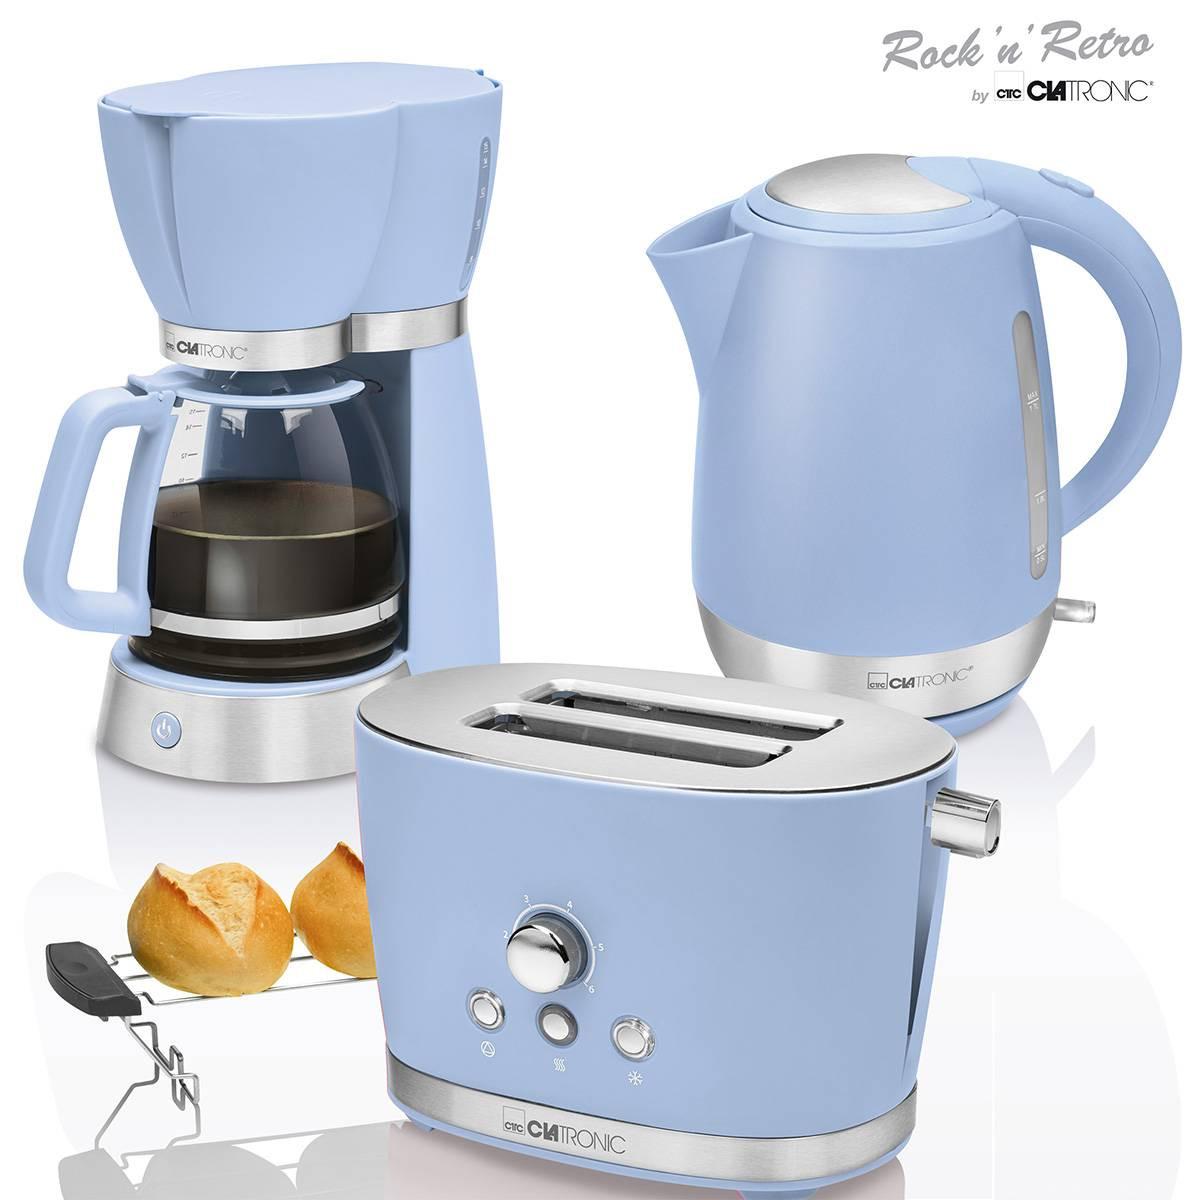 Clatronic Vintage - Set Desayuno, Cafetera 15 tazas, Tostadora 2 rebanadas, Hervidor de agua 1,7 litros, azul pastel, series Rock & Retro